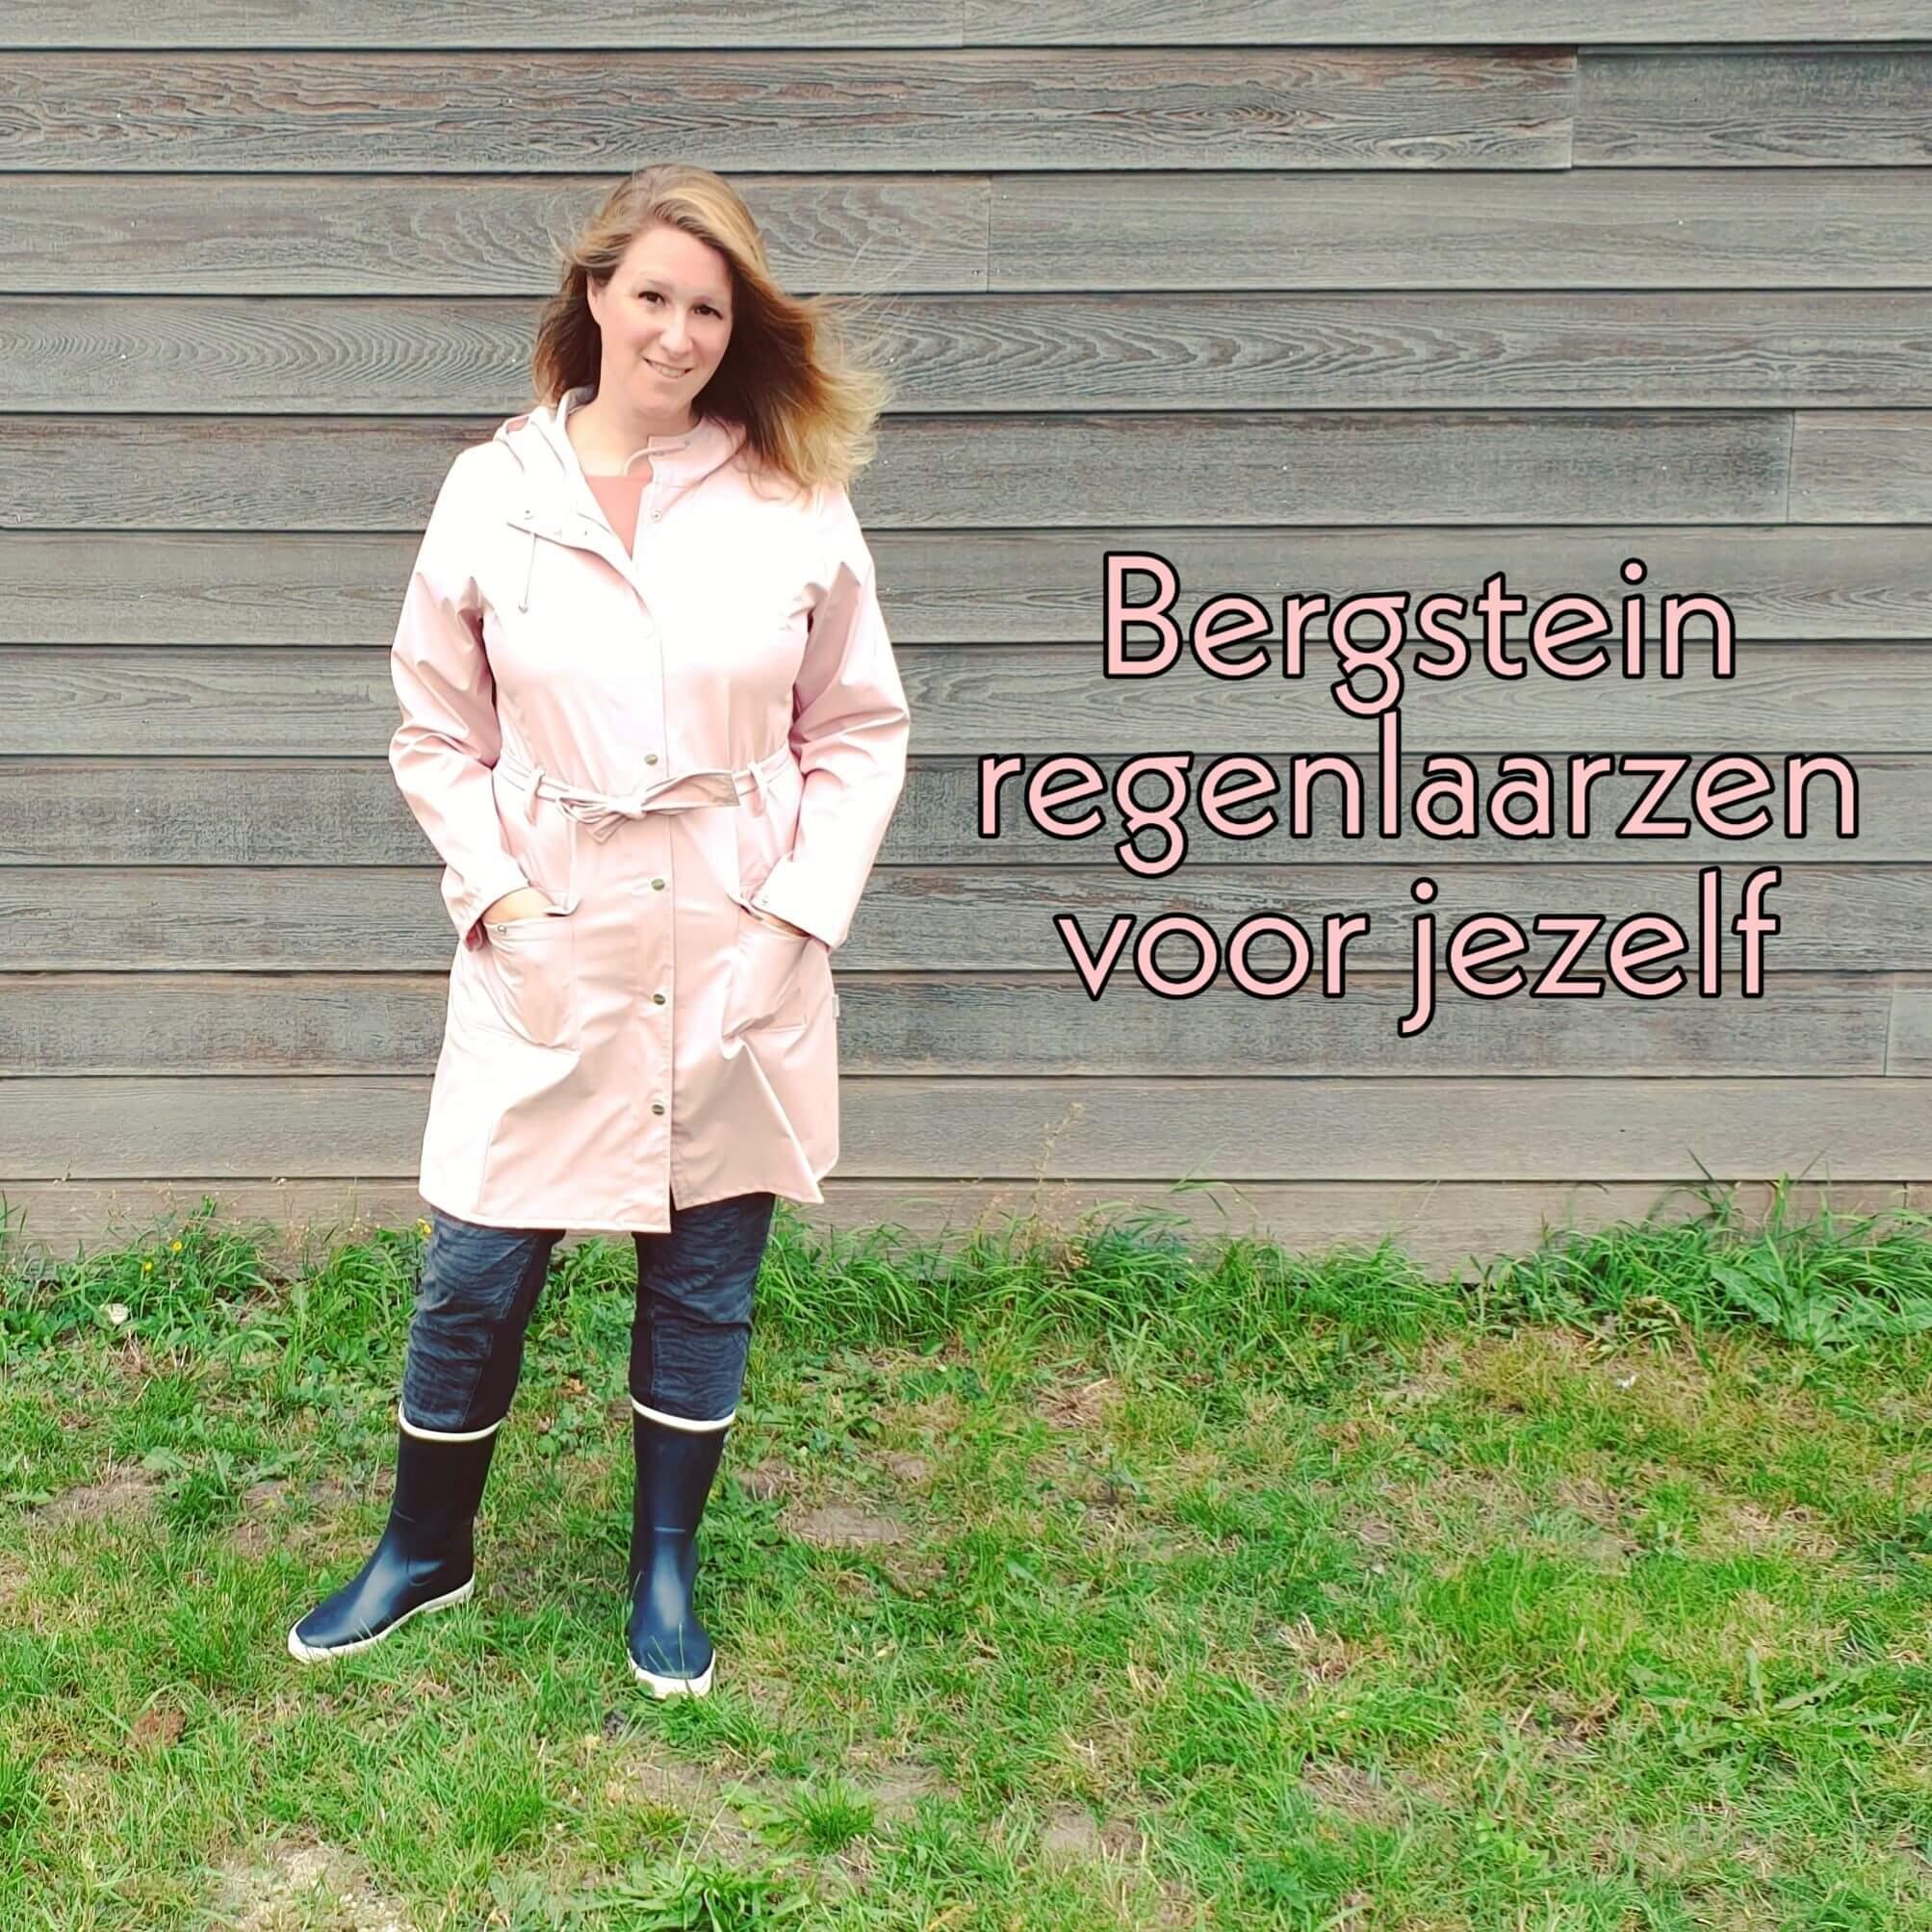 Bergstein regenlaarzen zijn er nu ook voor volwassenen